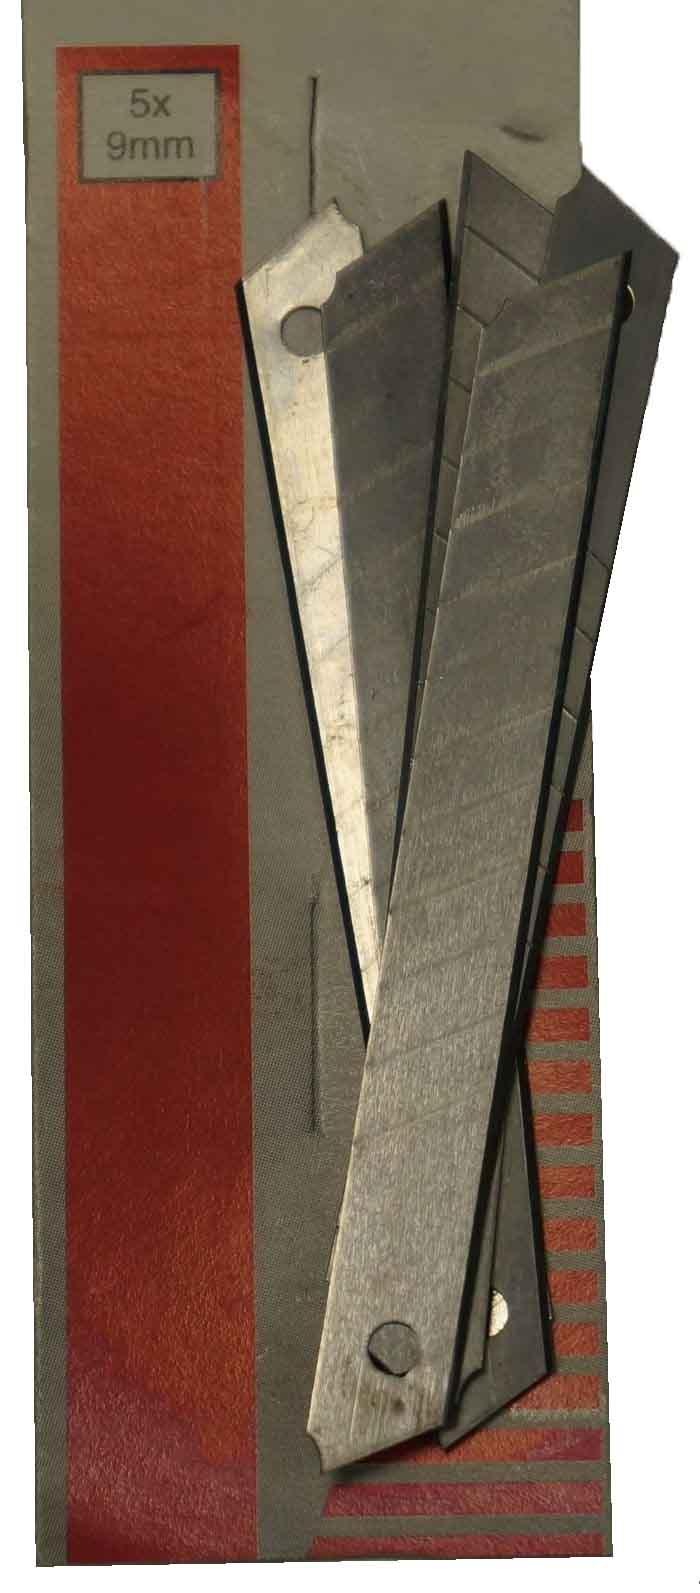 Лезвия для ножей - Лезвия выдвижные 15шт. 9мм - заточка ножей латвия